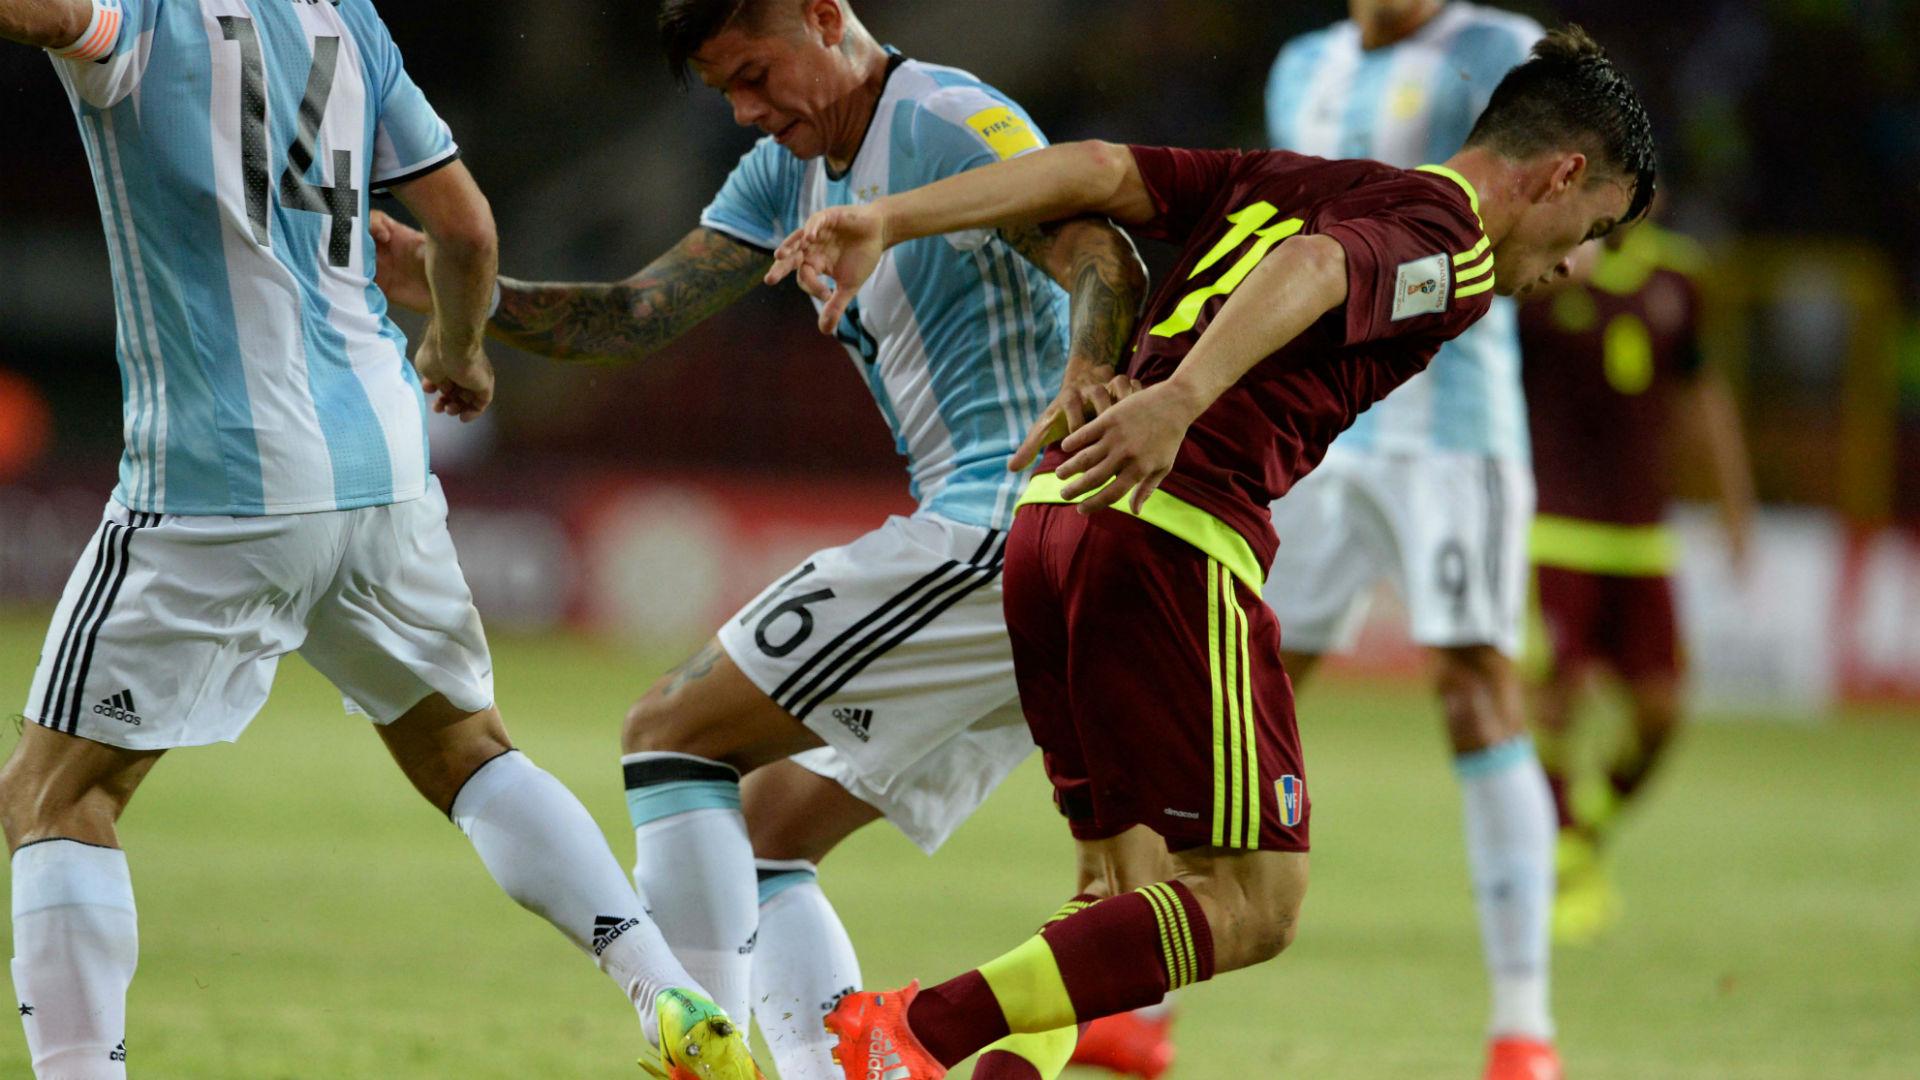 LA PREVIA. De esta disputa entre Juampi Añol y Marcos Rojo, derivará el primer gol de Venezuela. Trabaron, ganó el jugador vinotinto y la clavó de zurda en un ángulo. Era el 1-0 para Venezuela, presagio de una noche difícil para el cuadro del Patón.